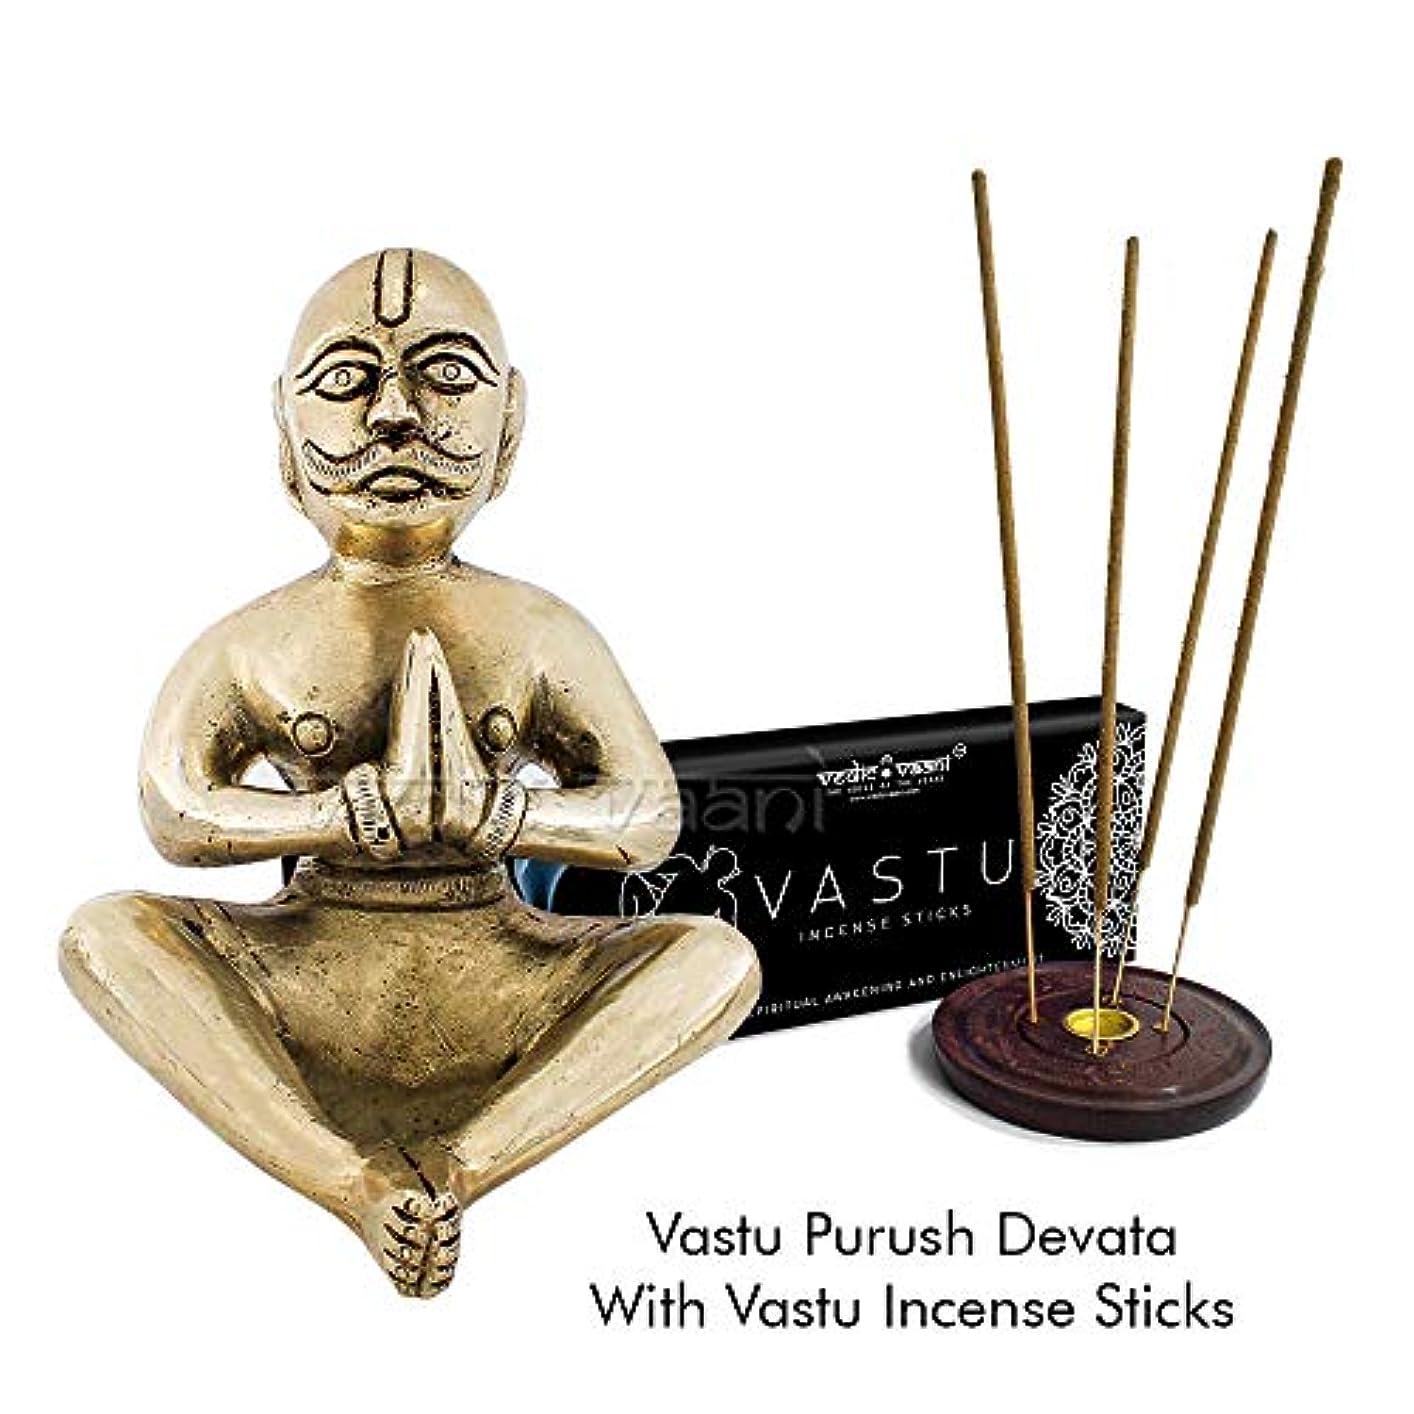 放置教師の日姿を消すVedic Vaani Vastu Purush Devata Idol 香スティック付き